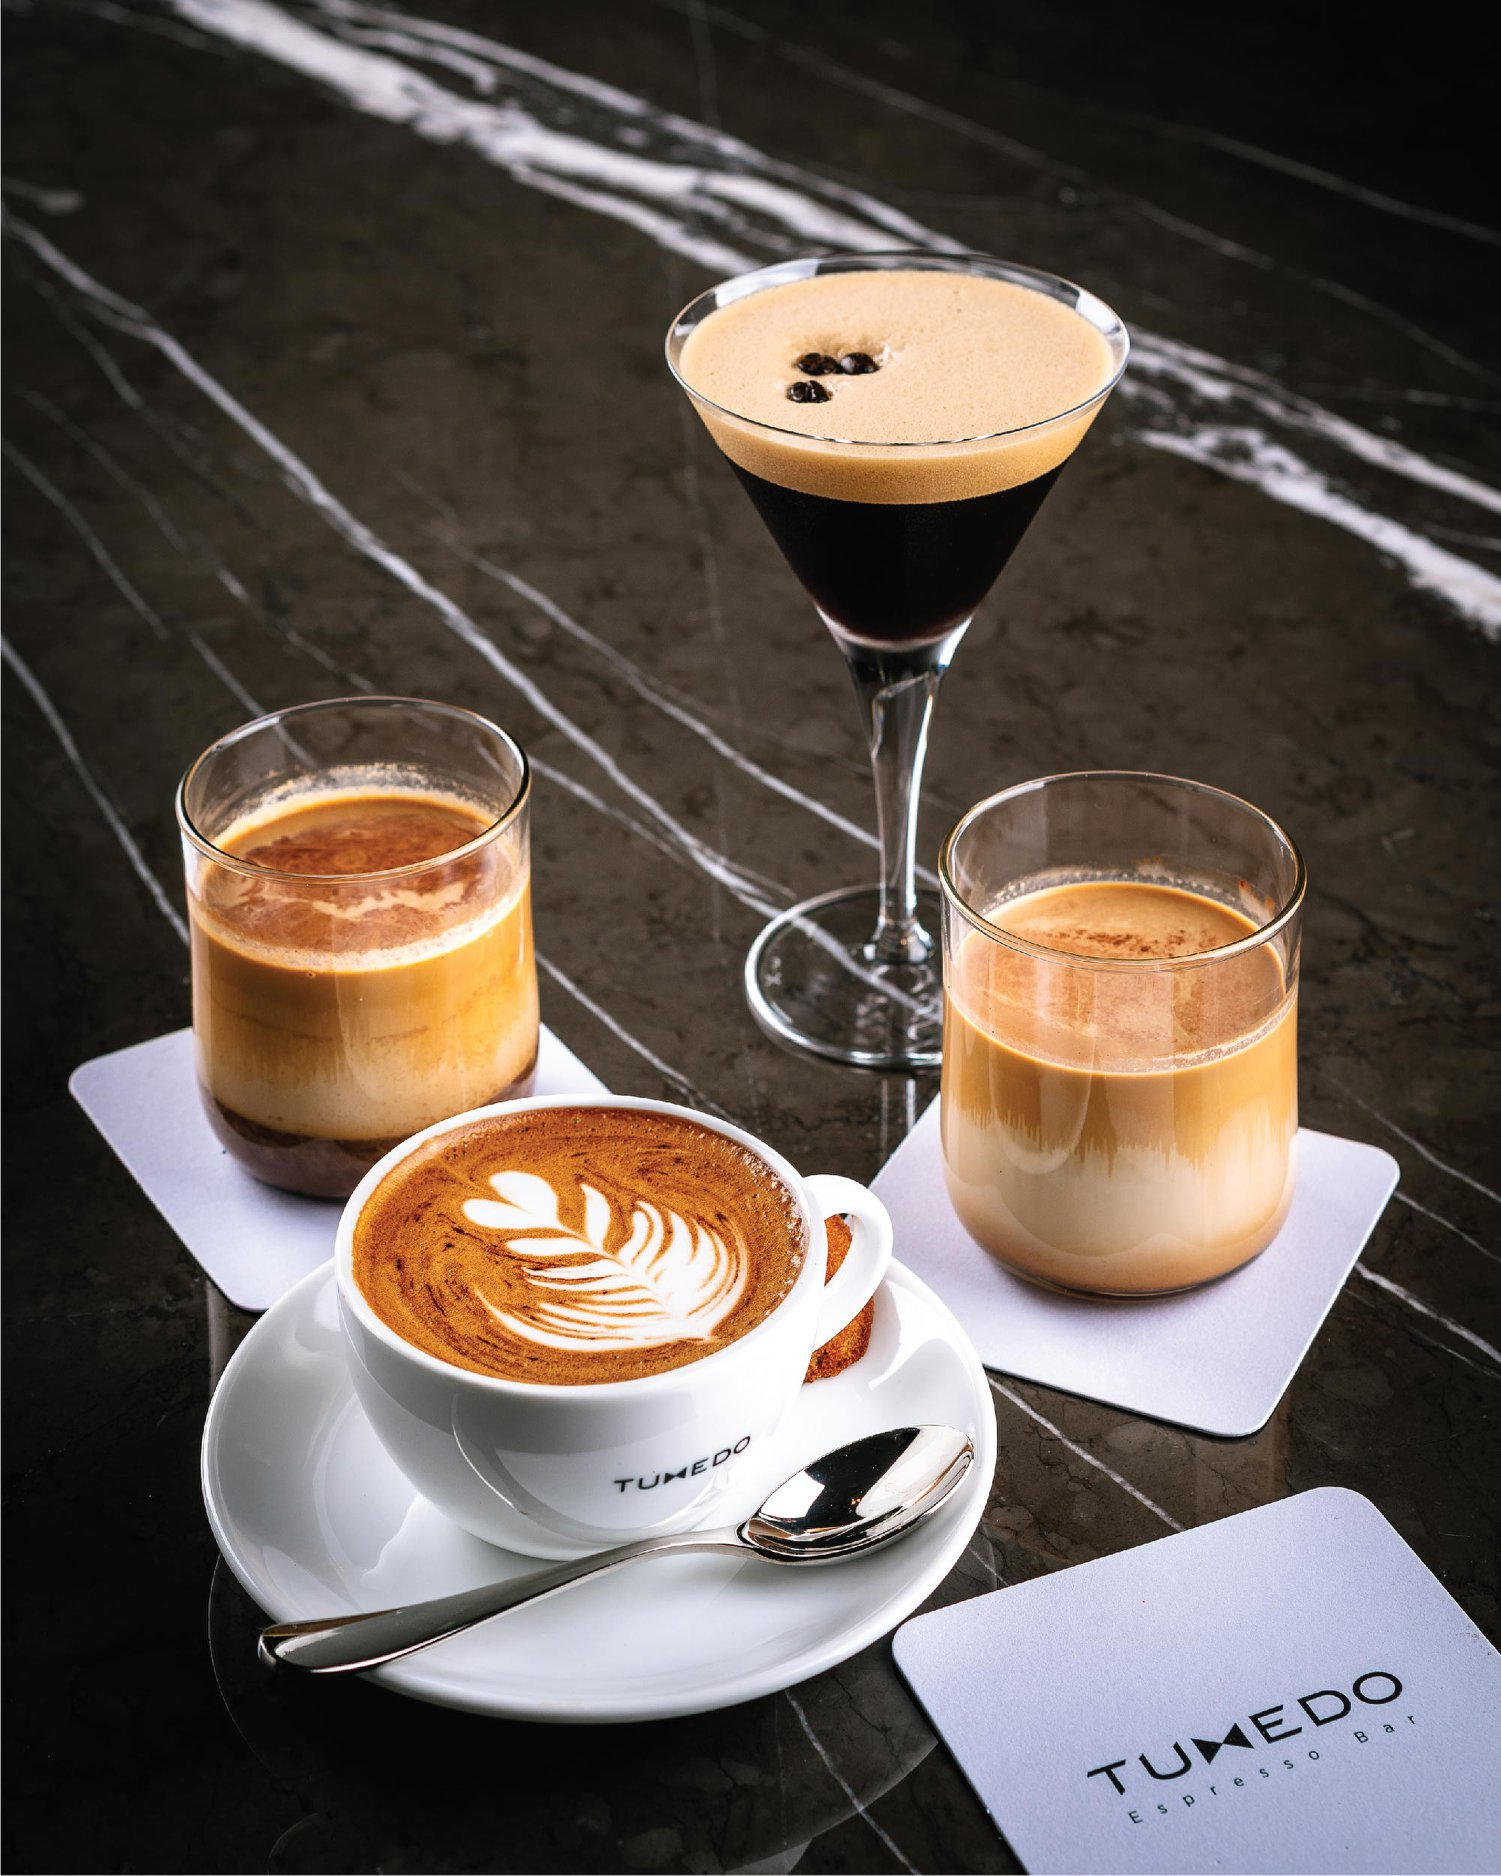 Tuxedo Espresso Bar Menu